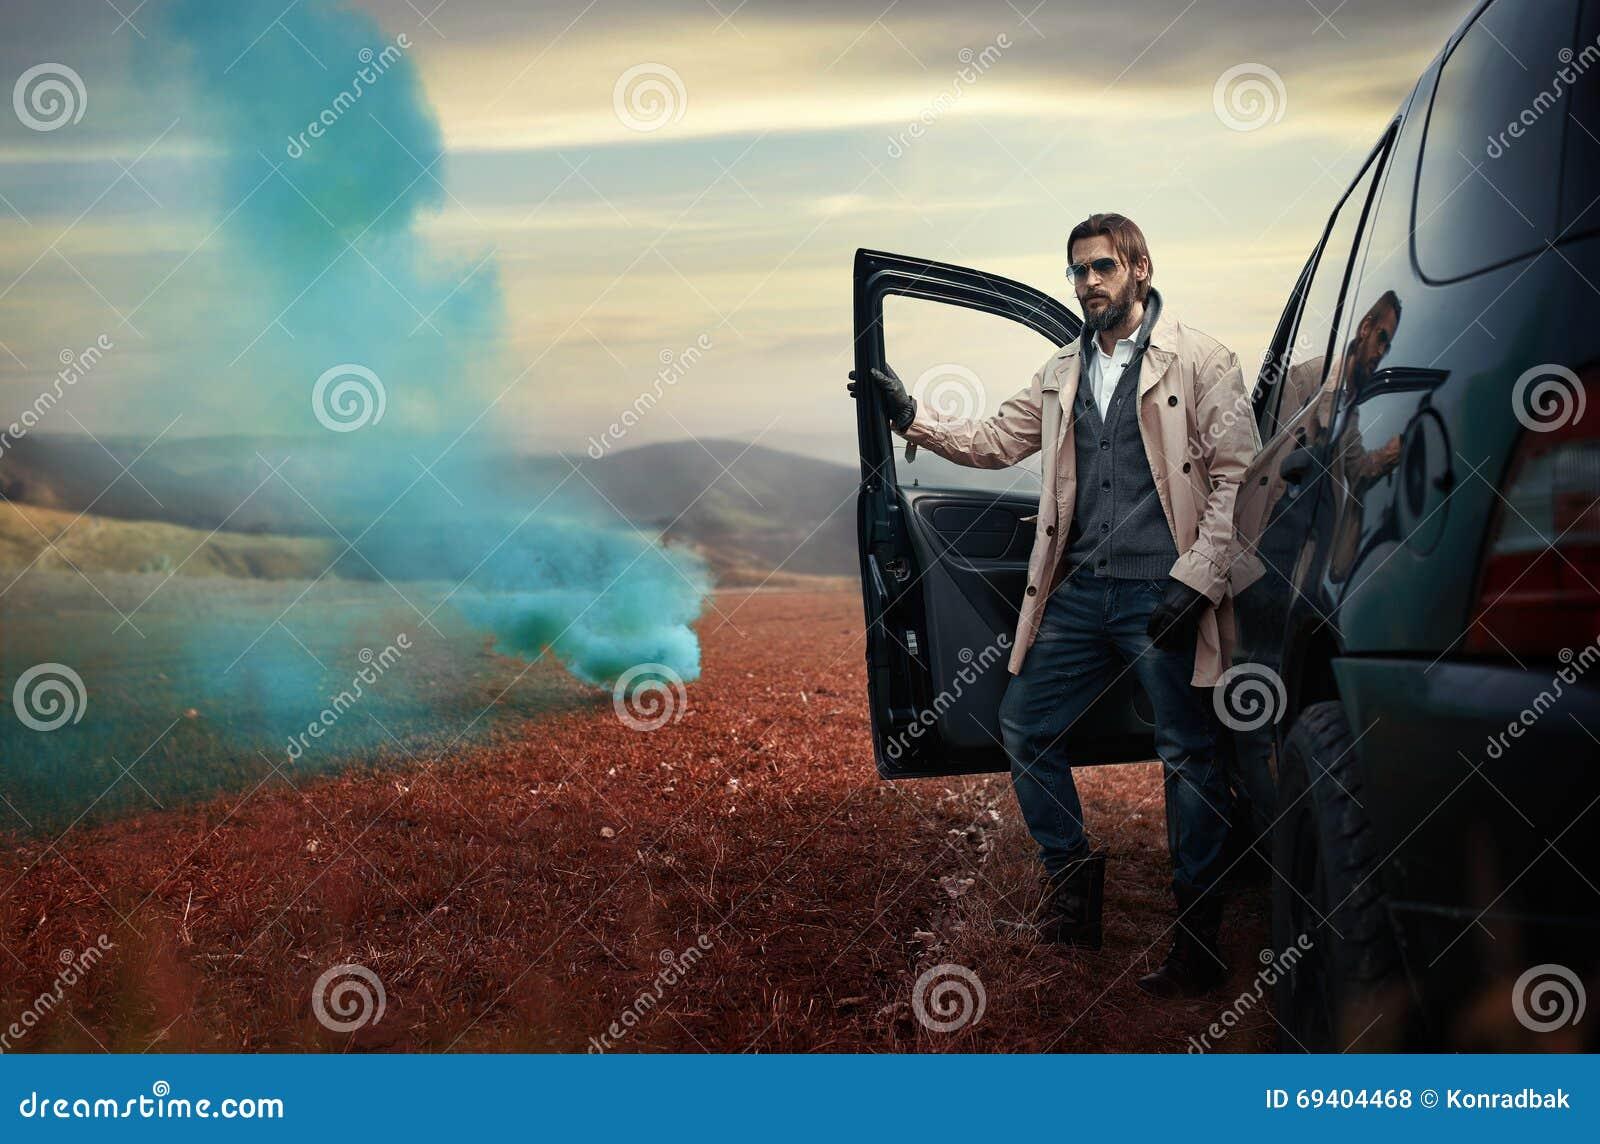 Uomo alla moda bello sulla strada accanto alla sua automobile